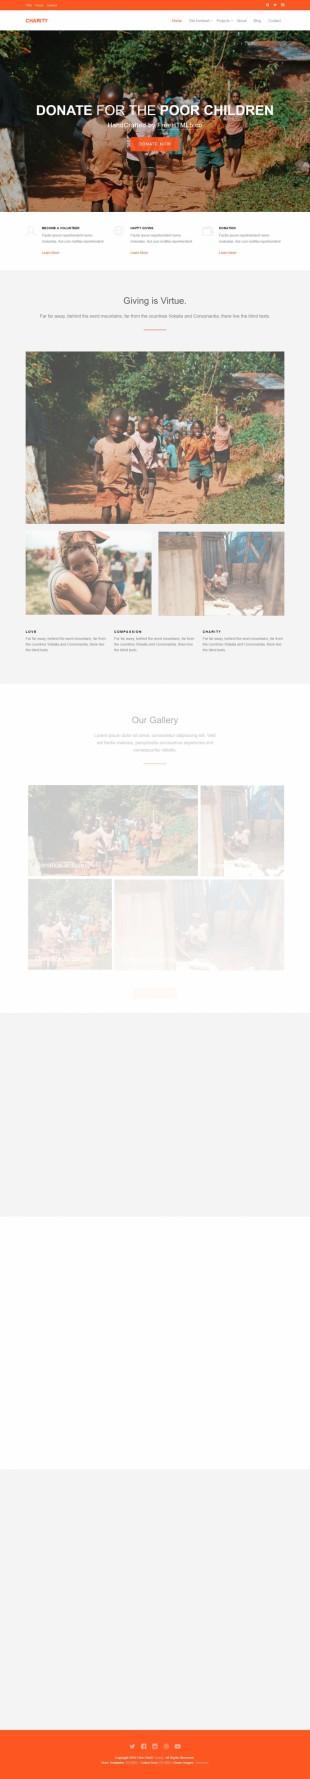 橙色大气儿童公益组织企业英文网站建设模板电脑图片